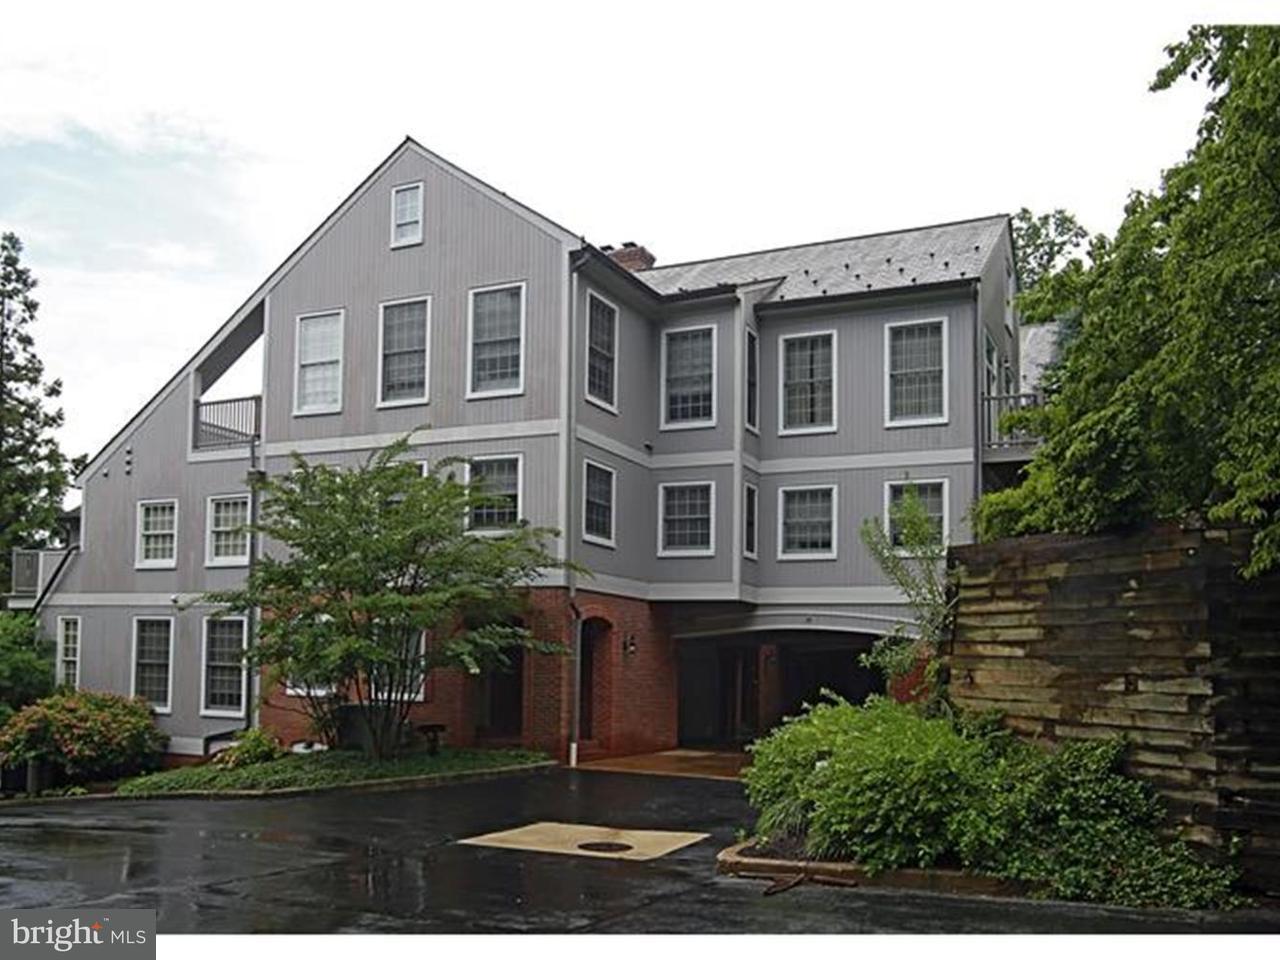 Πολυκατοικία ατομικής ιδιοκτησίας για την Πώληση στο 59 MILLSTONE Lane Rockland, Ντελαγουερ 19732 Ηνωμενεσ Πολιτειεσ